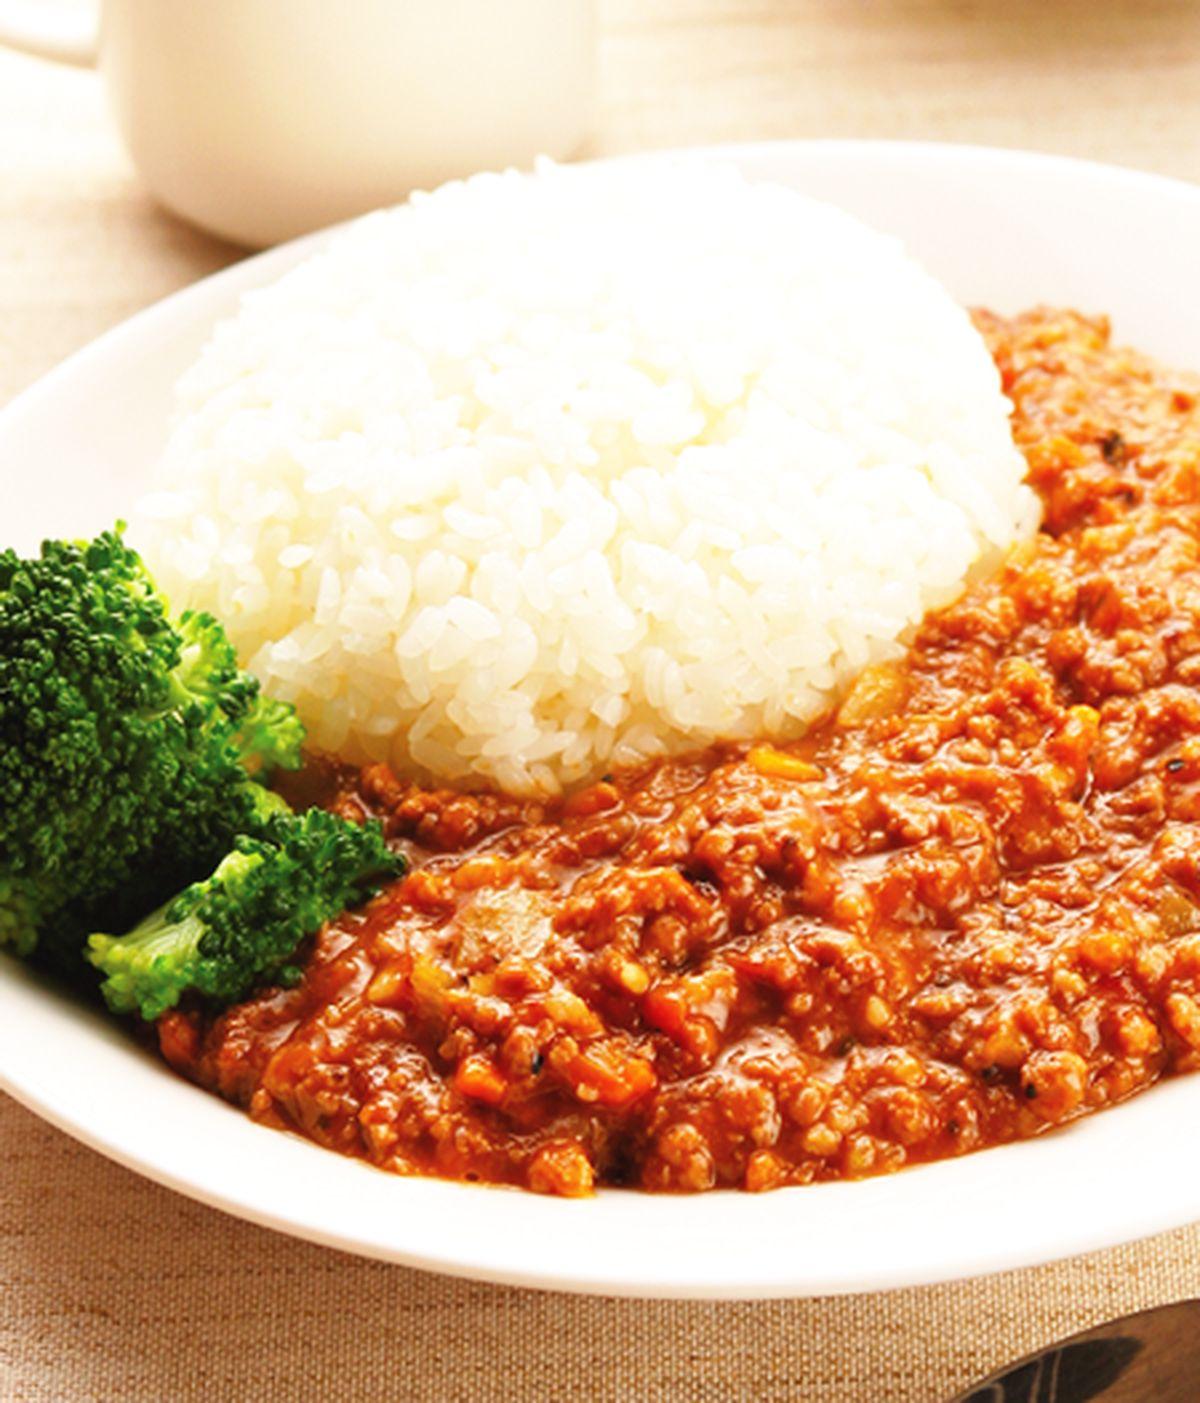 食譜:義大利肉醬燴飯